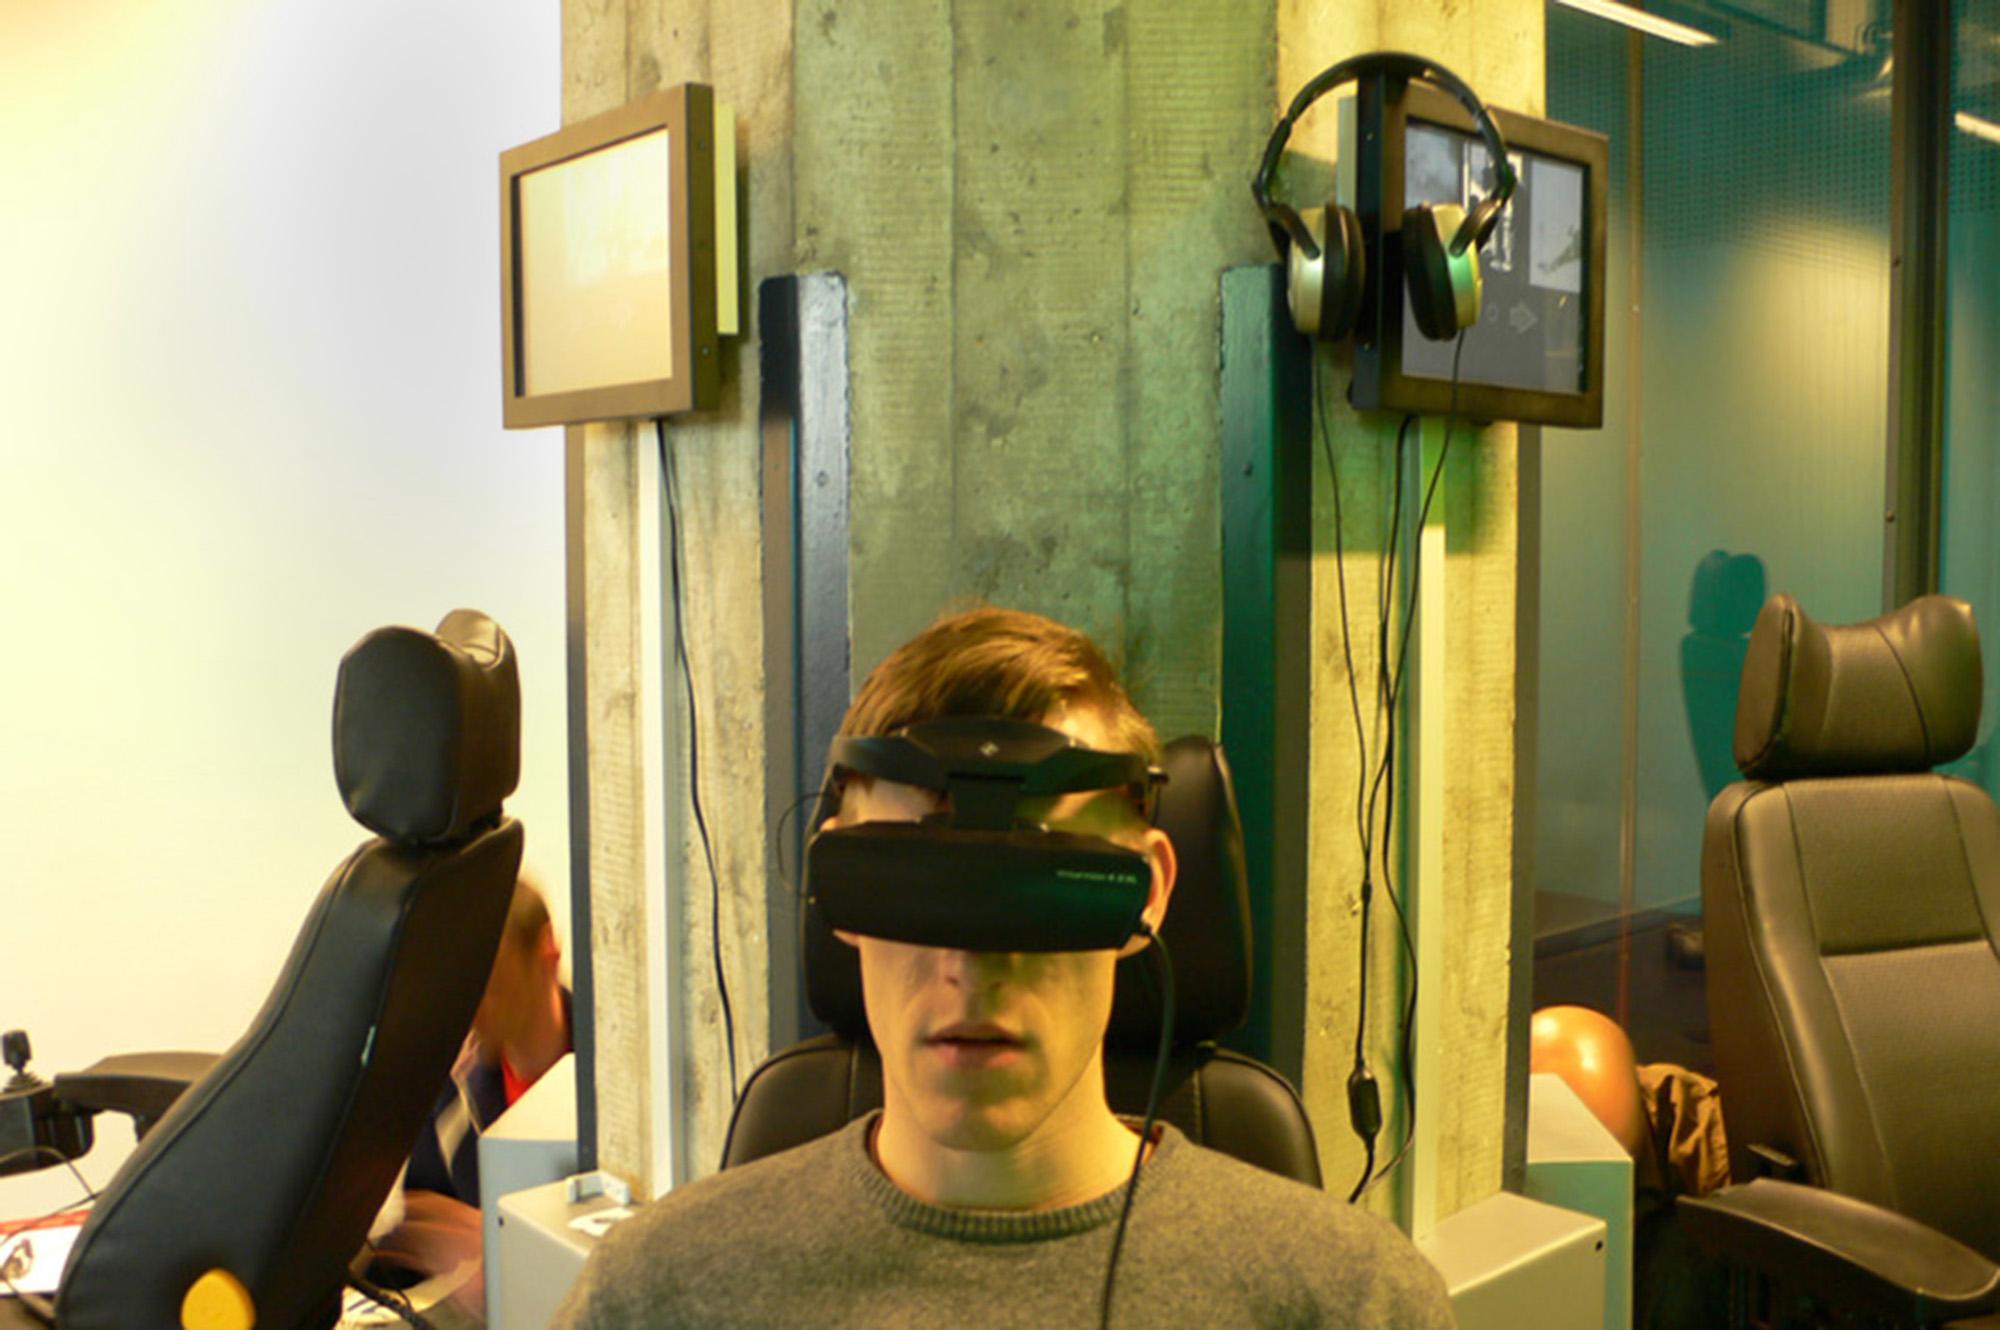 VR installation